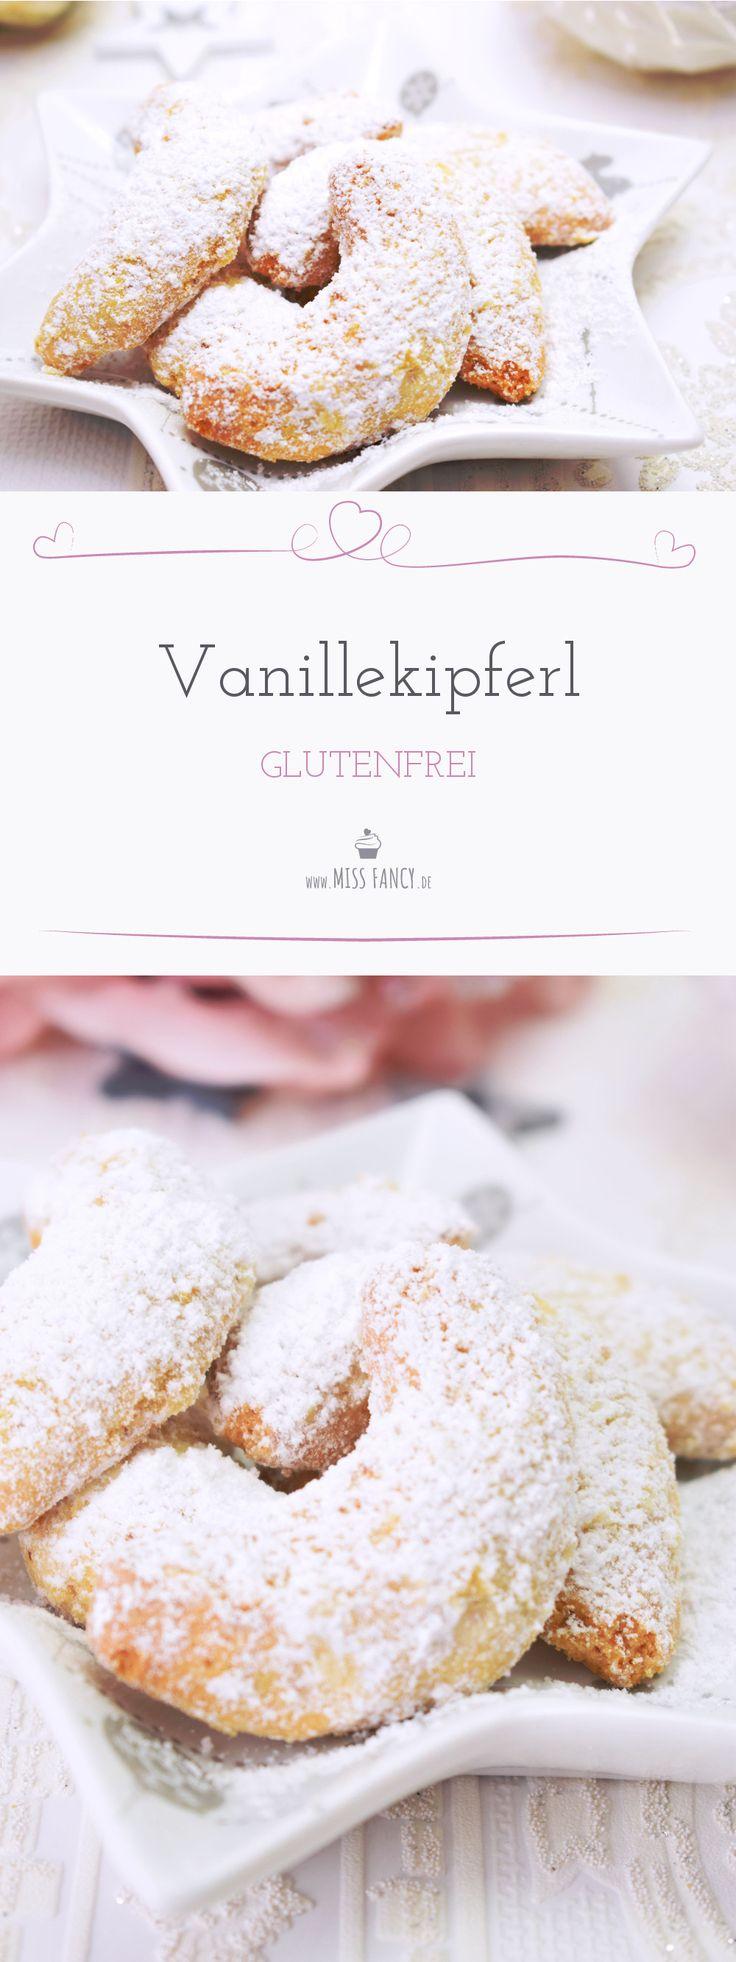 Ganz leckere glutenfreie Vanillekipferl leicht nachzubacken.